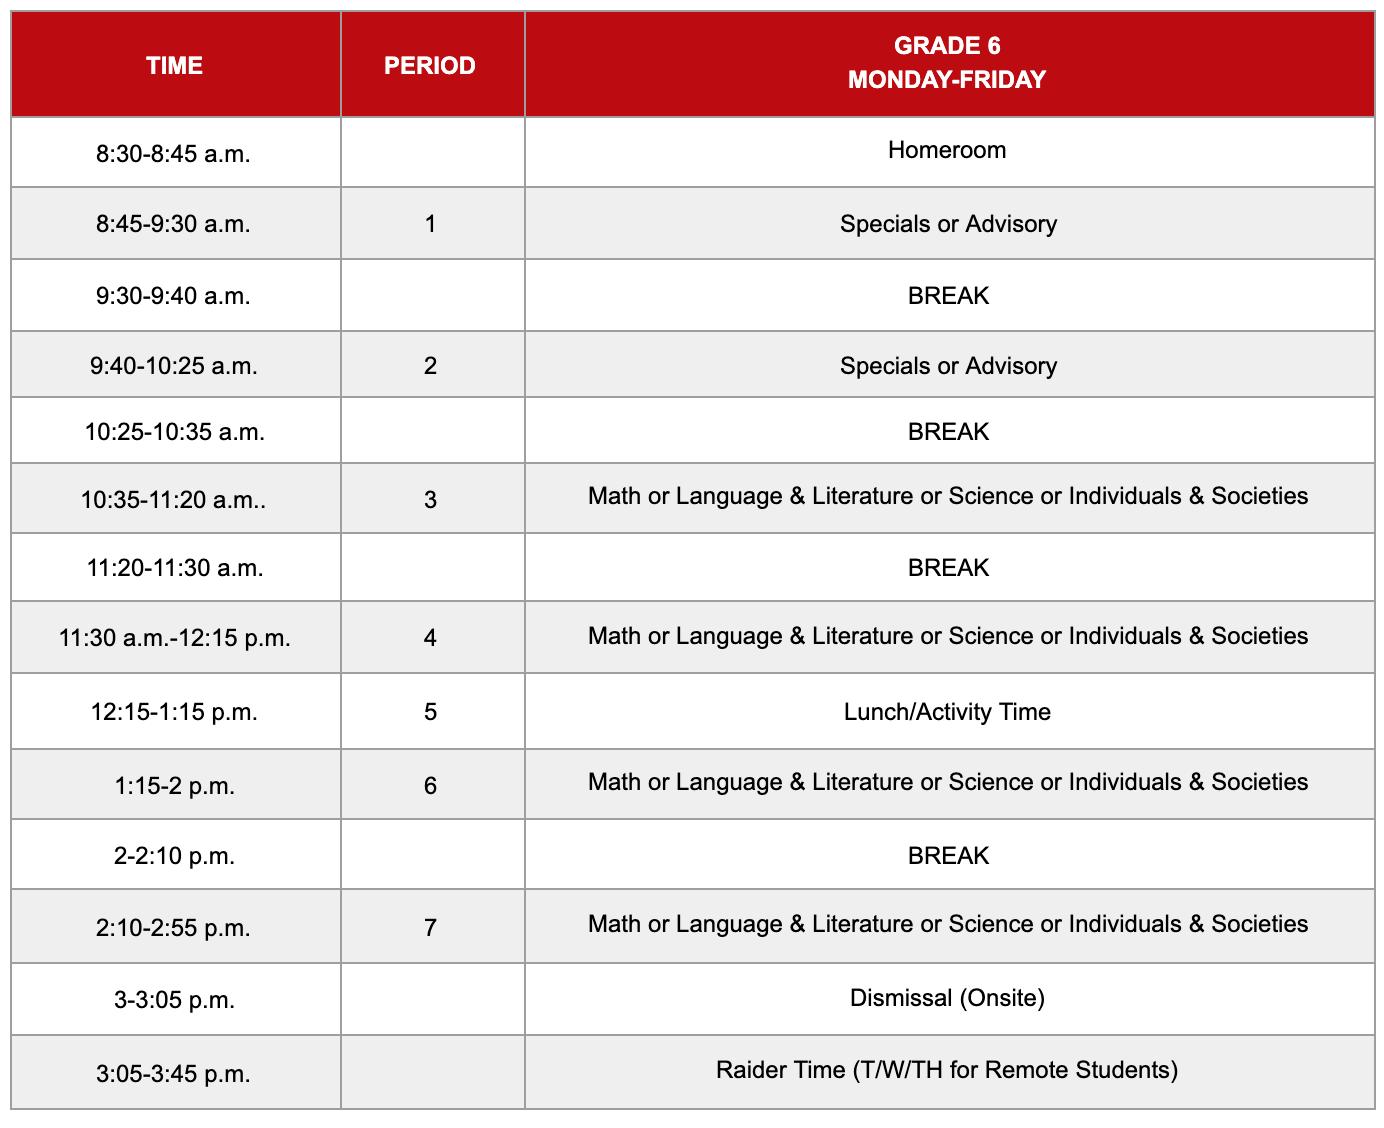 Grade 6 Hybrid Schedule